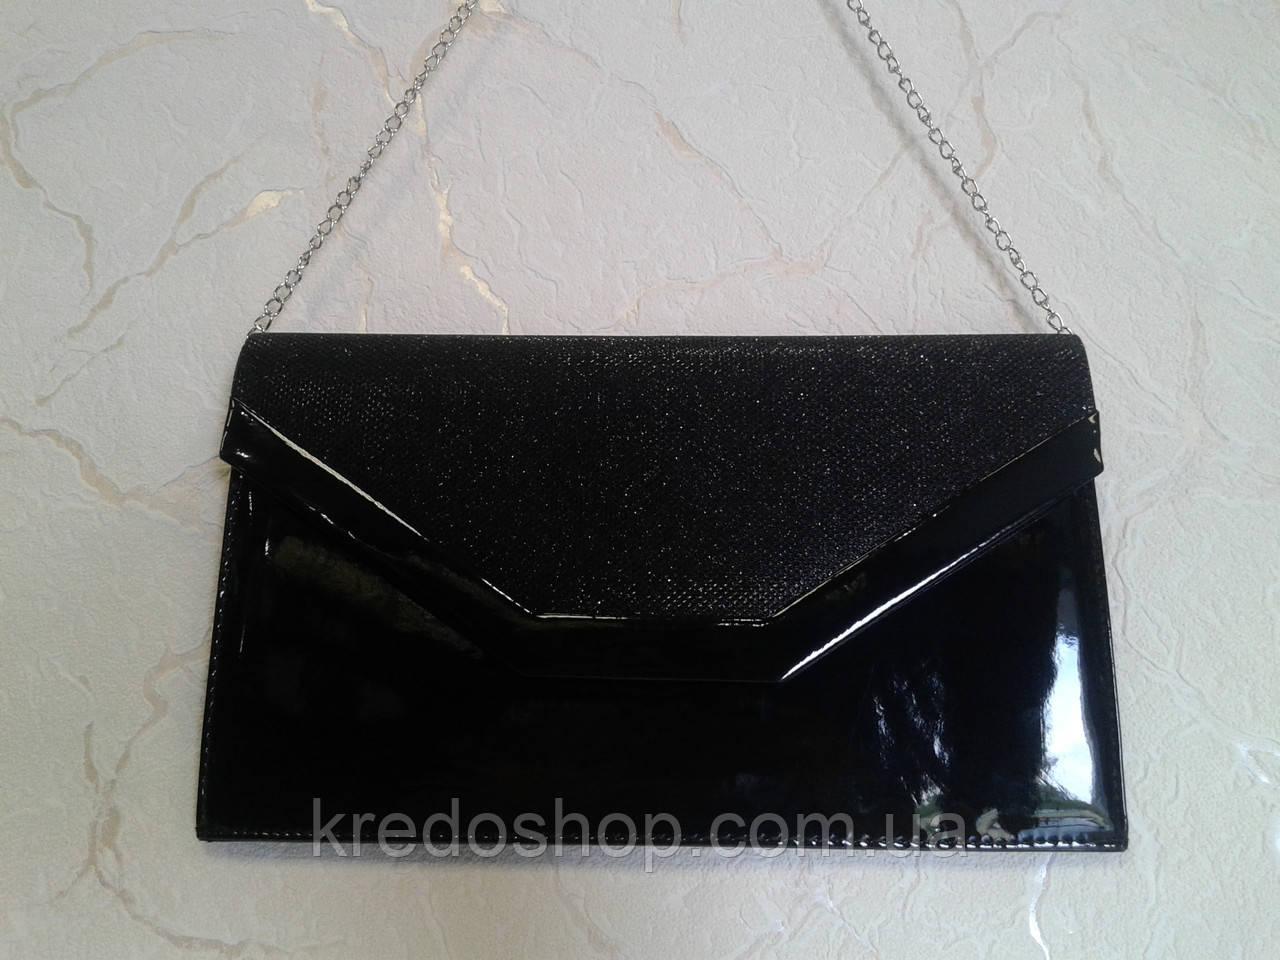 05c9a1d98bc9 Вечерний клатч черный лаковый с блестками красивый (Турция) -  Интернет-магазин сумок и